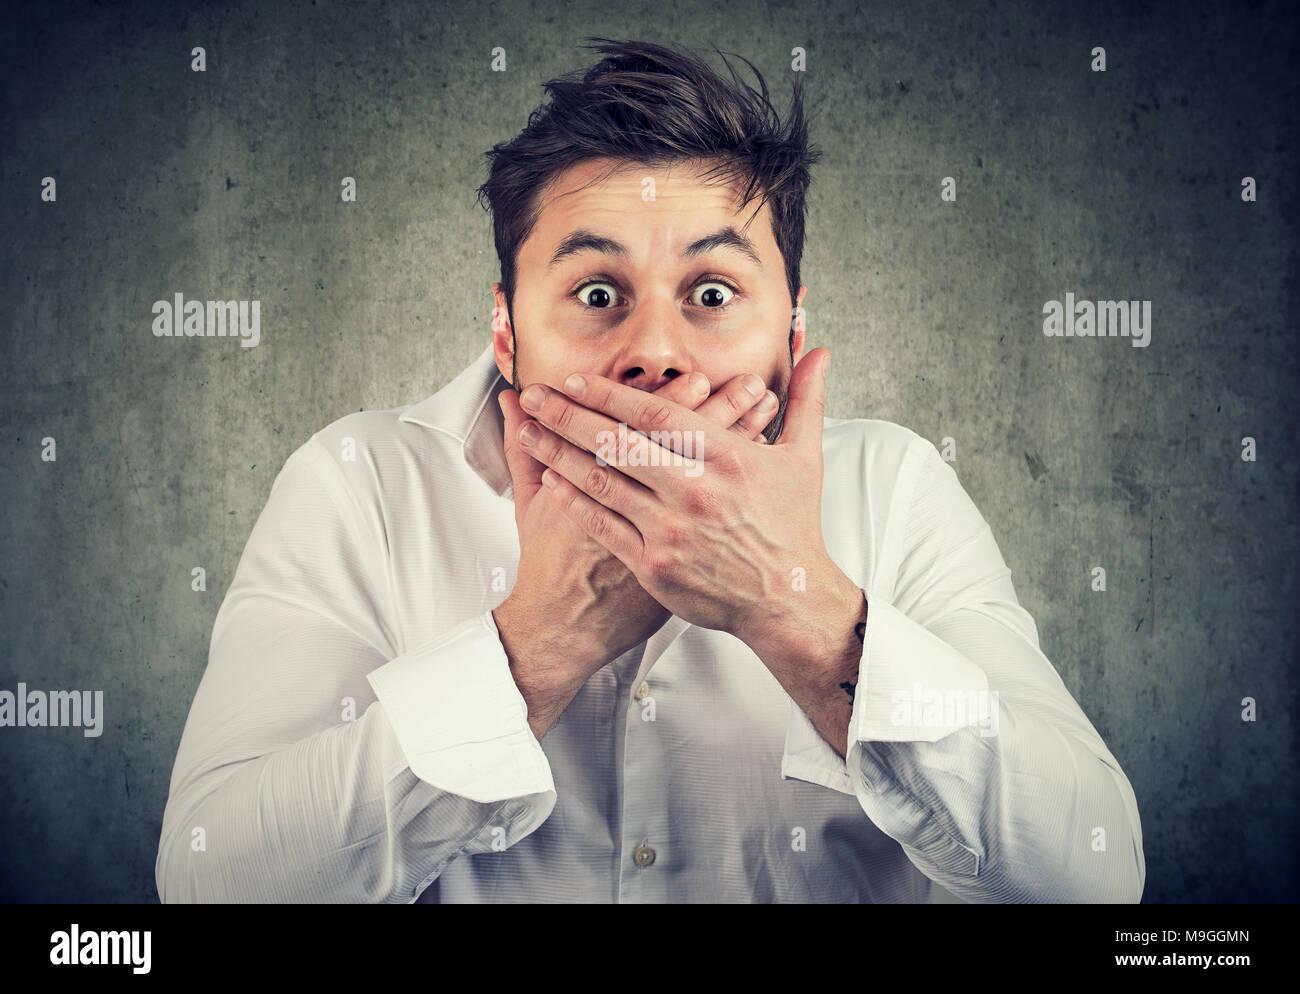 Giovani sconvolto l Uomo in camicia bianca che copre la bocca holding urlare mentre guardano la telecamera con faccia stupita espressione. Immagini Stock